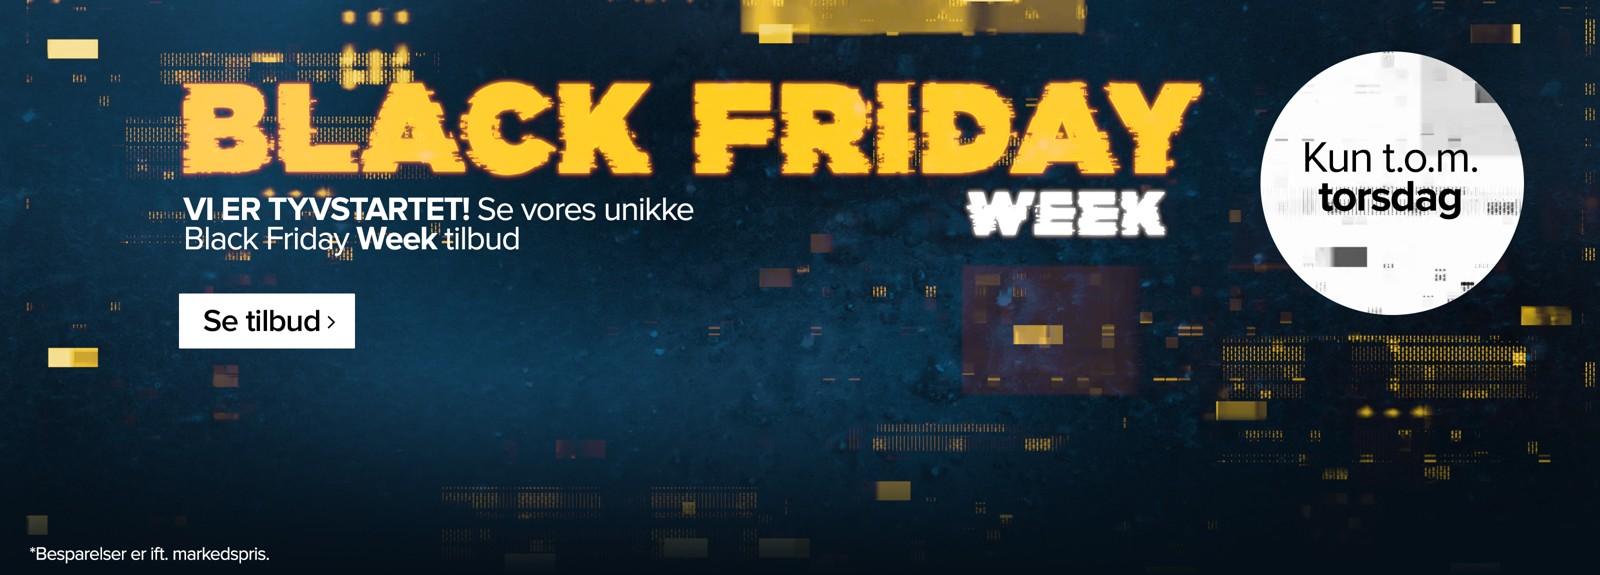 Black Friday udsalg